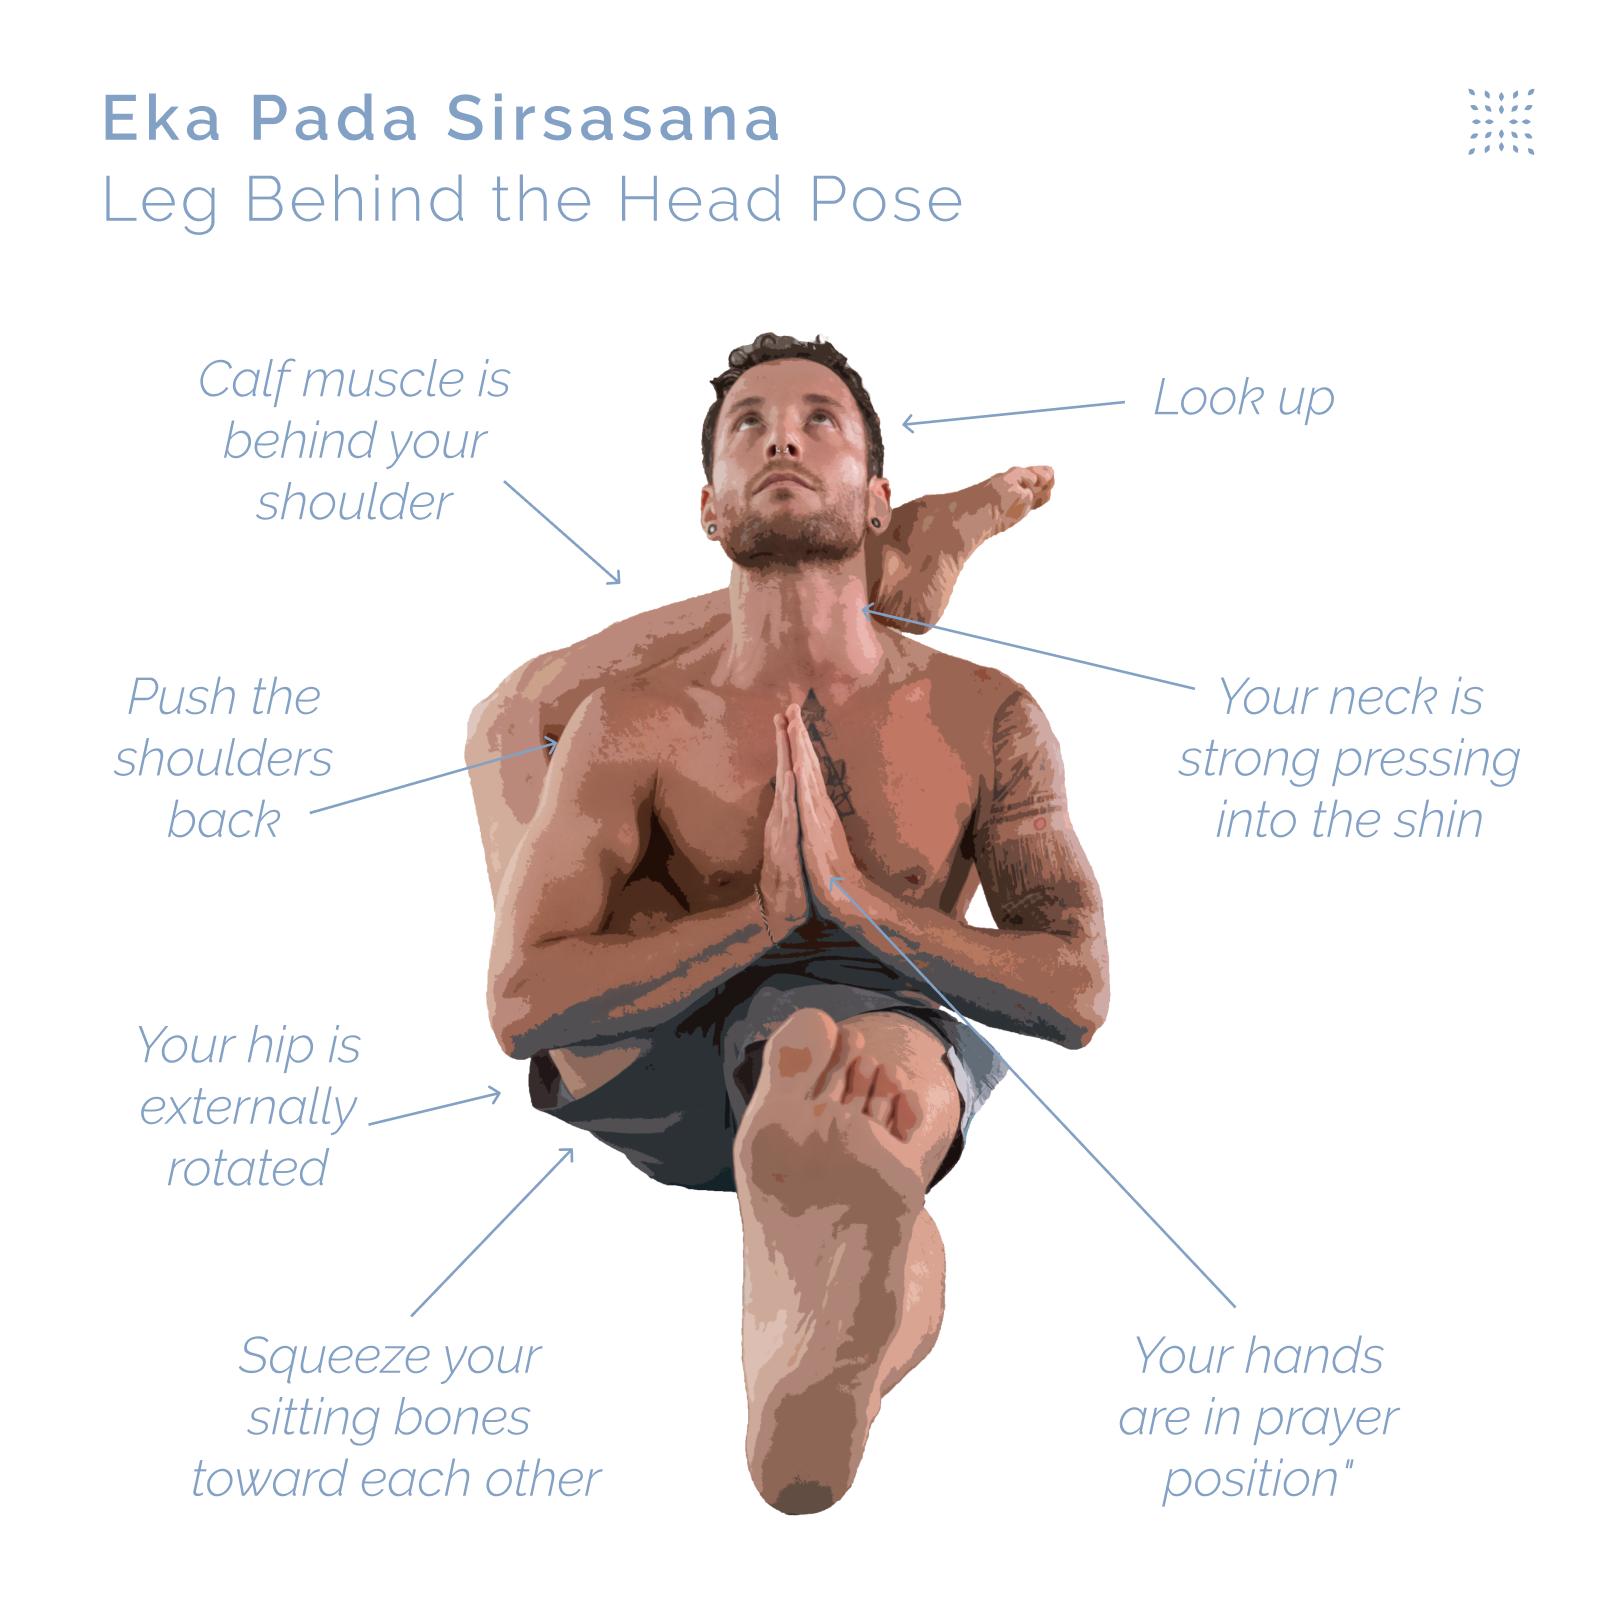 Weekly Pose Tutorial: Eka Pada Sirsasana (Leg Behind the Head Pose)